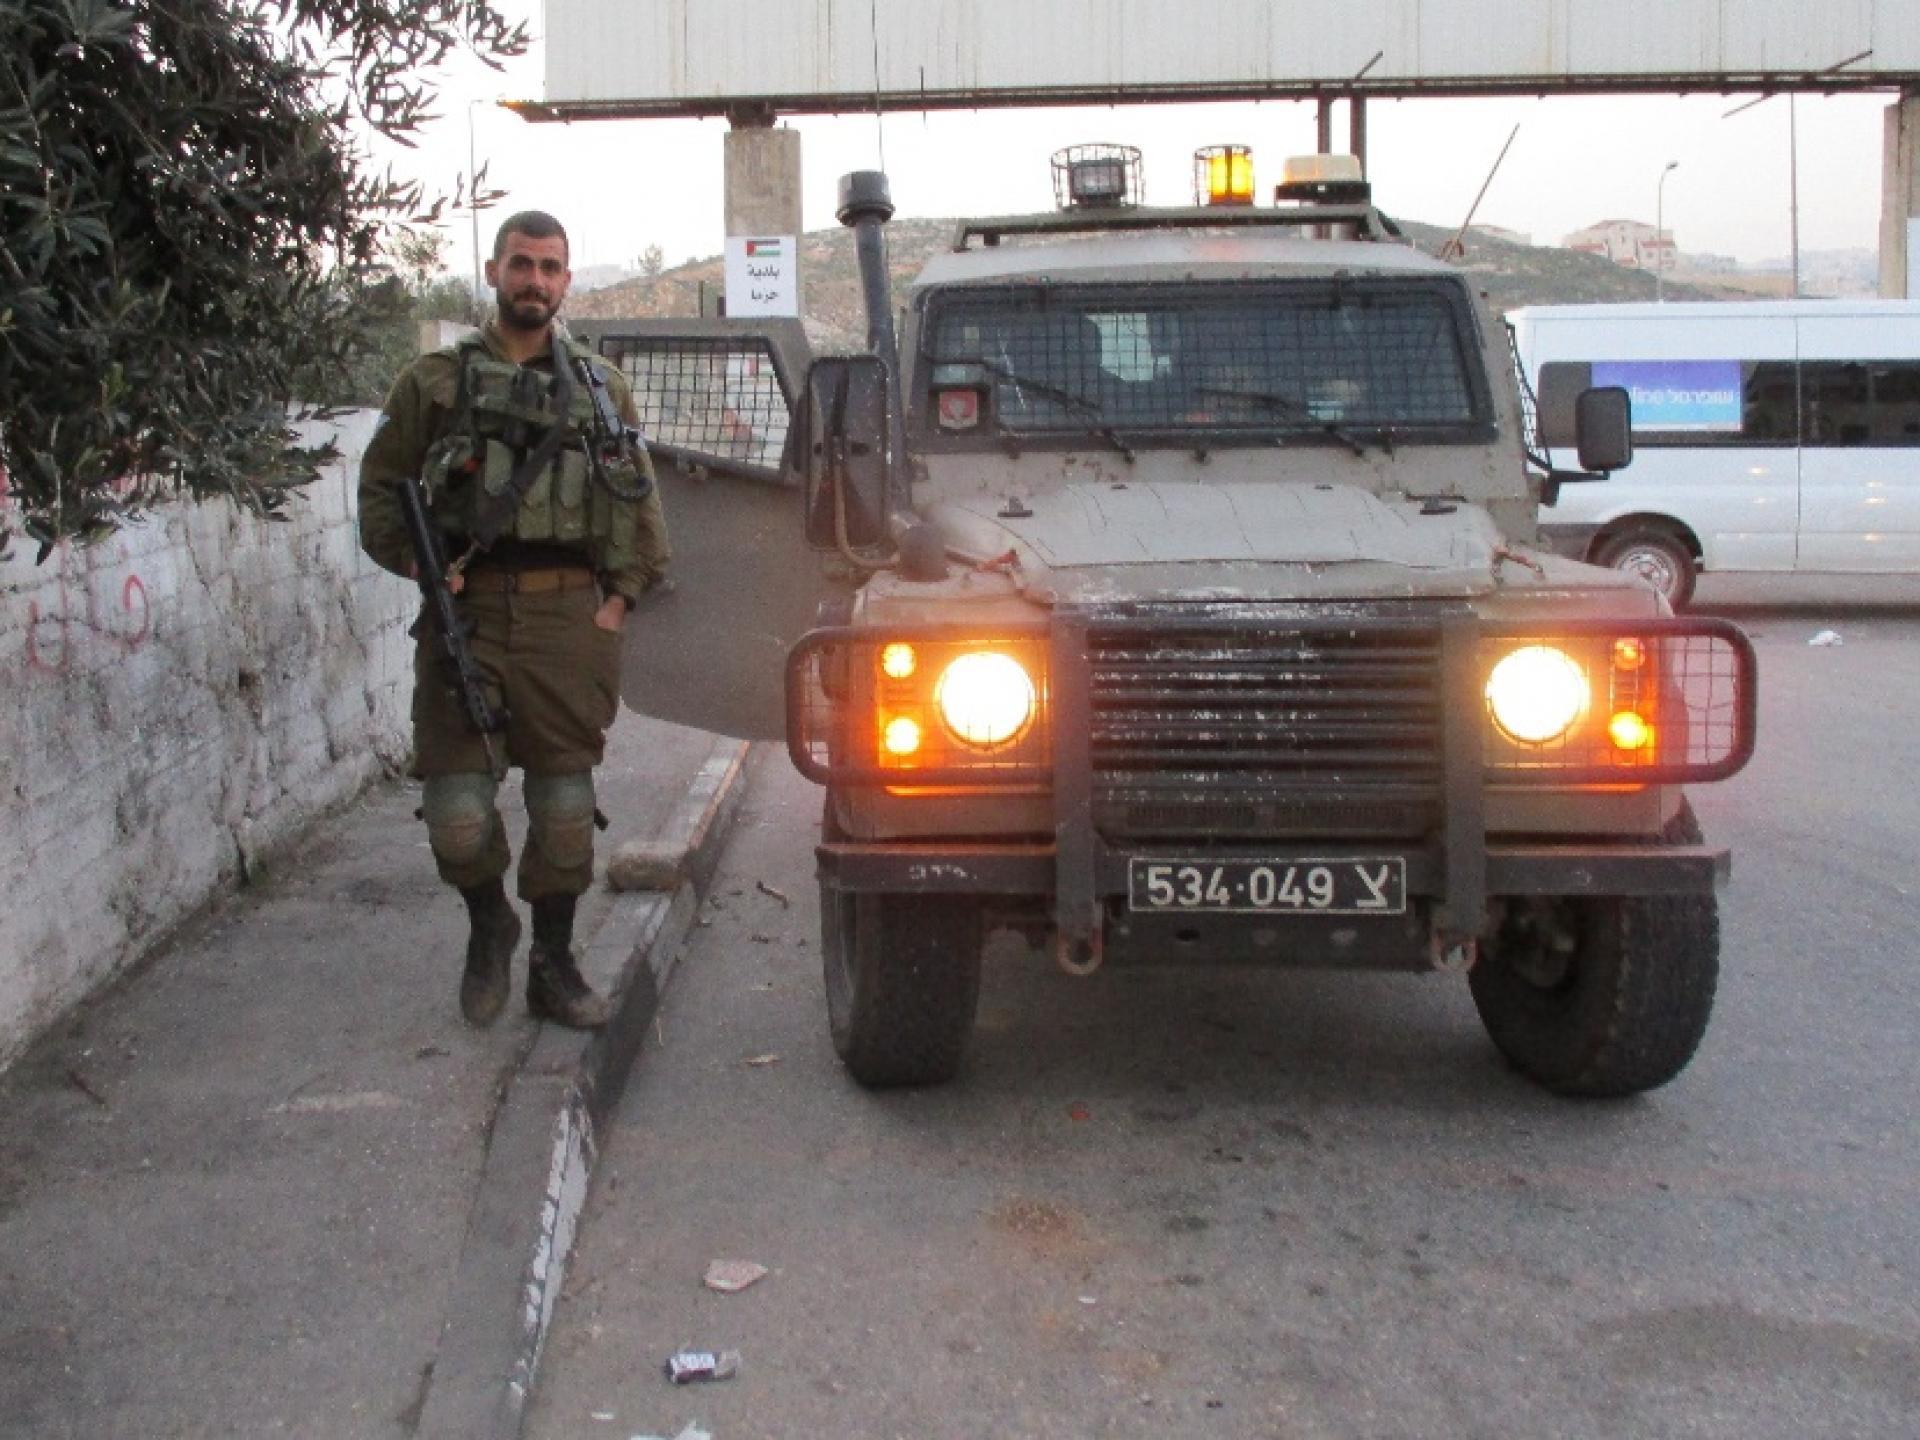 רכב צבאי חנה בפתח הכפר חיזמא.